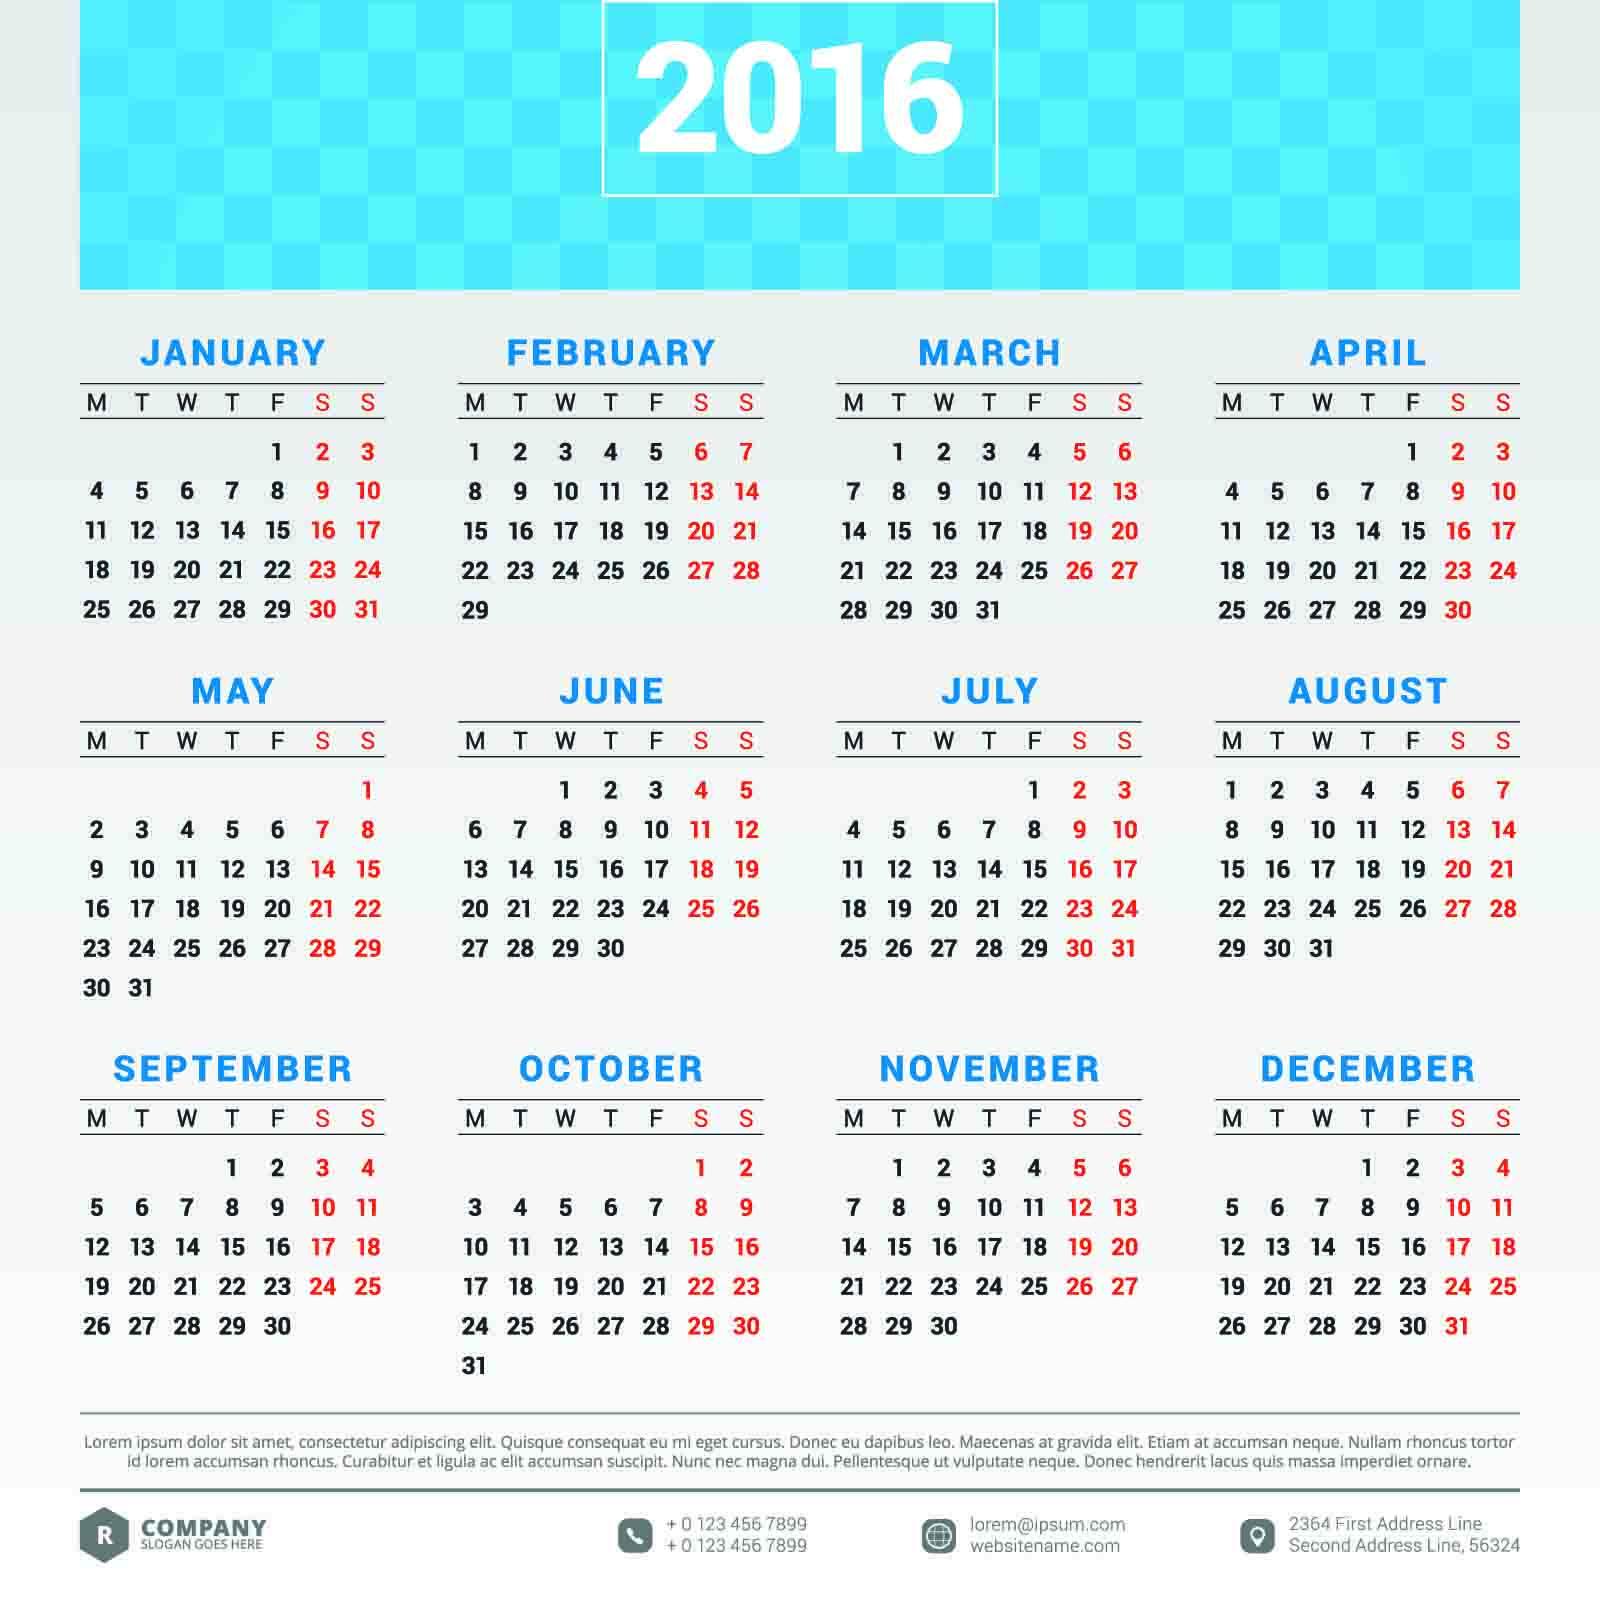 六輝カレンダー | 浦和ロイヤル ...